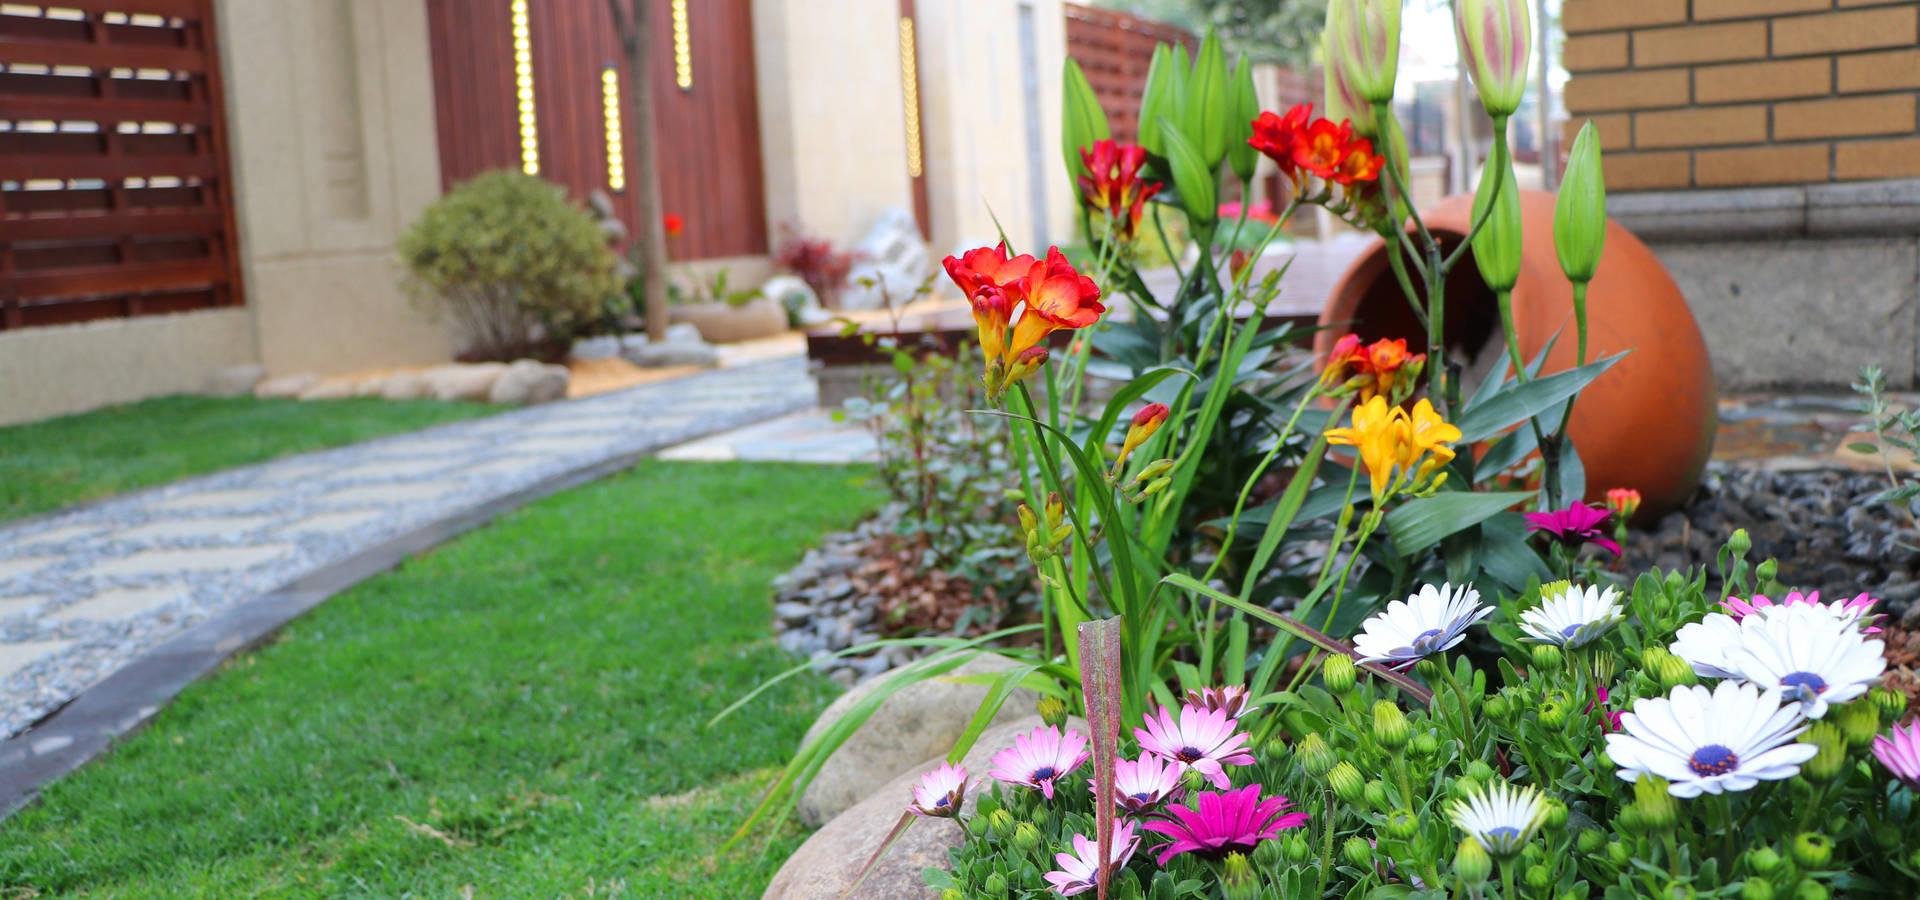 M  Garden